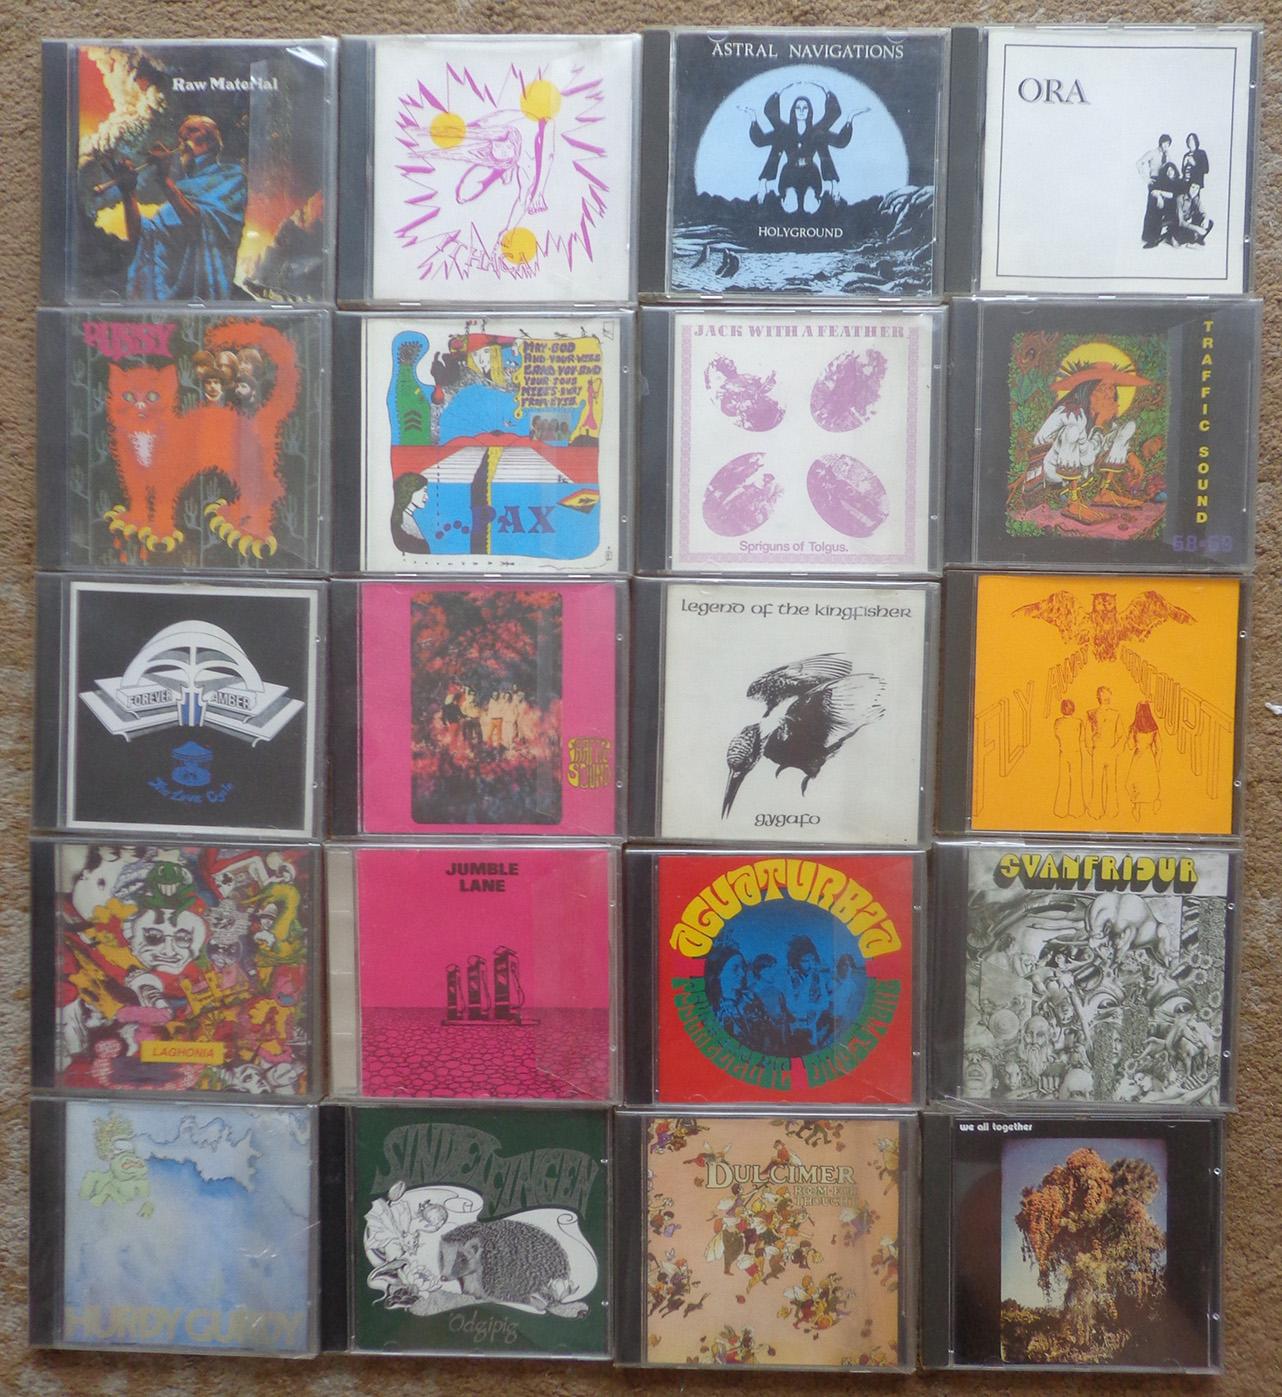 Coleção de CDs do selo inglês Background, todos eles primeira edição em CD, e todos são edições não autorizadas, caprichadas e com um som ótimo, o que obrigou o chileno dono do selo a fugir da Inglaterra nos anos 90. Conheci o figura no Chile.